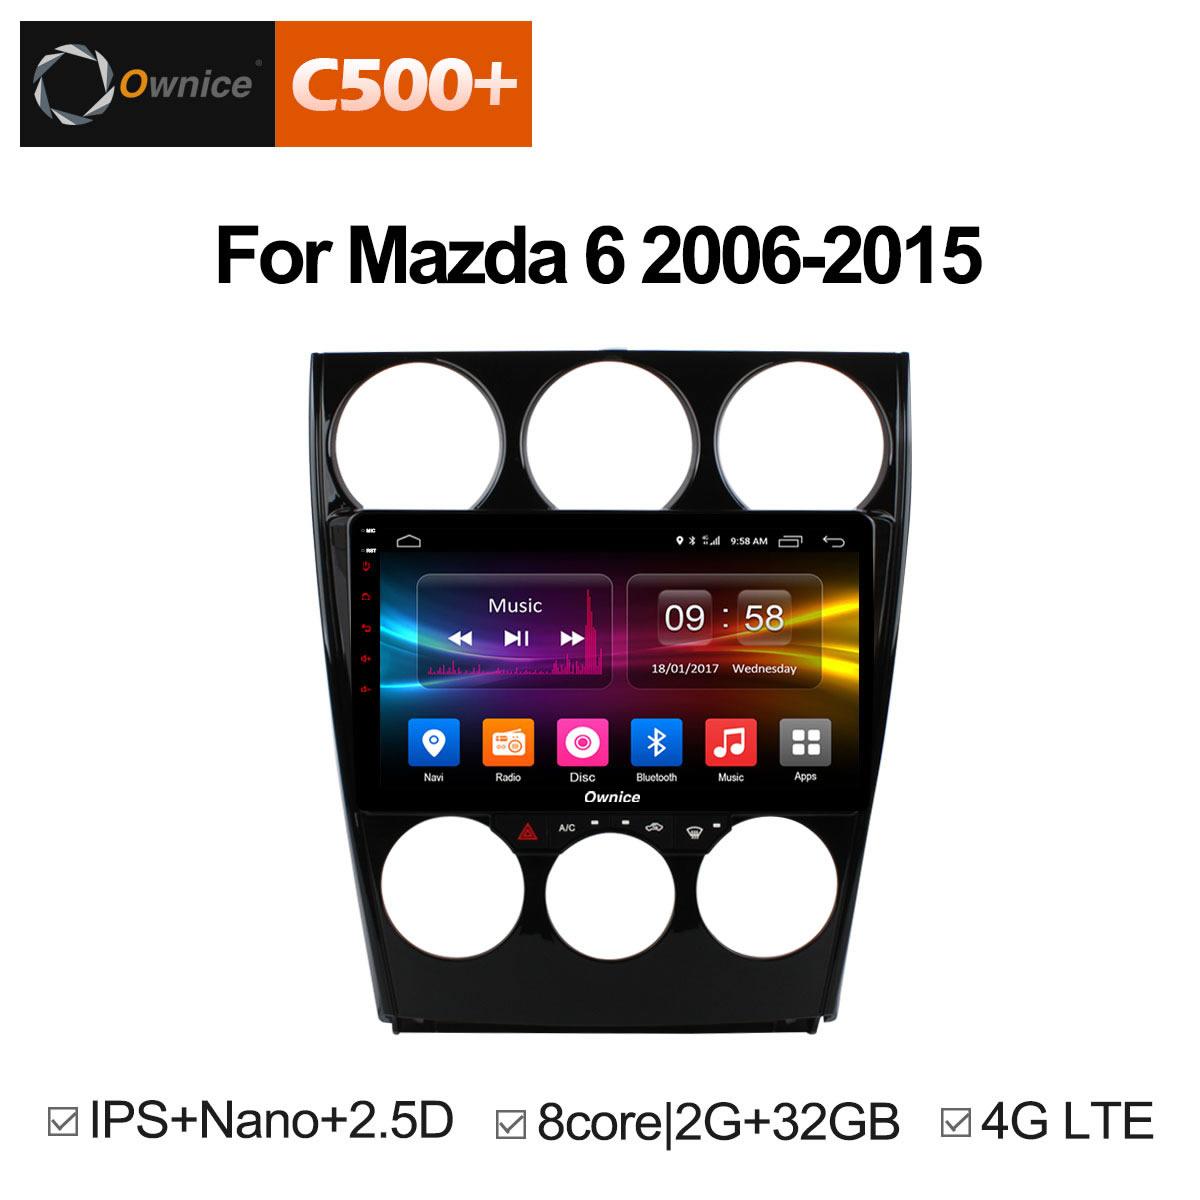 Штатная магнитола CARMEDIA OL-9505-8 (C500+) MAZDA 6 2005-2008 android 6 0 quad core mini m8s ii tv box set top box amlogic s905x wifi bluetooth 4 0 2gb ram 8gb rom smart media player 4kx2k